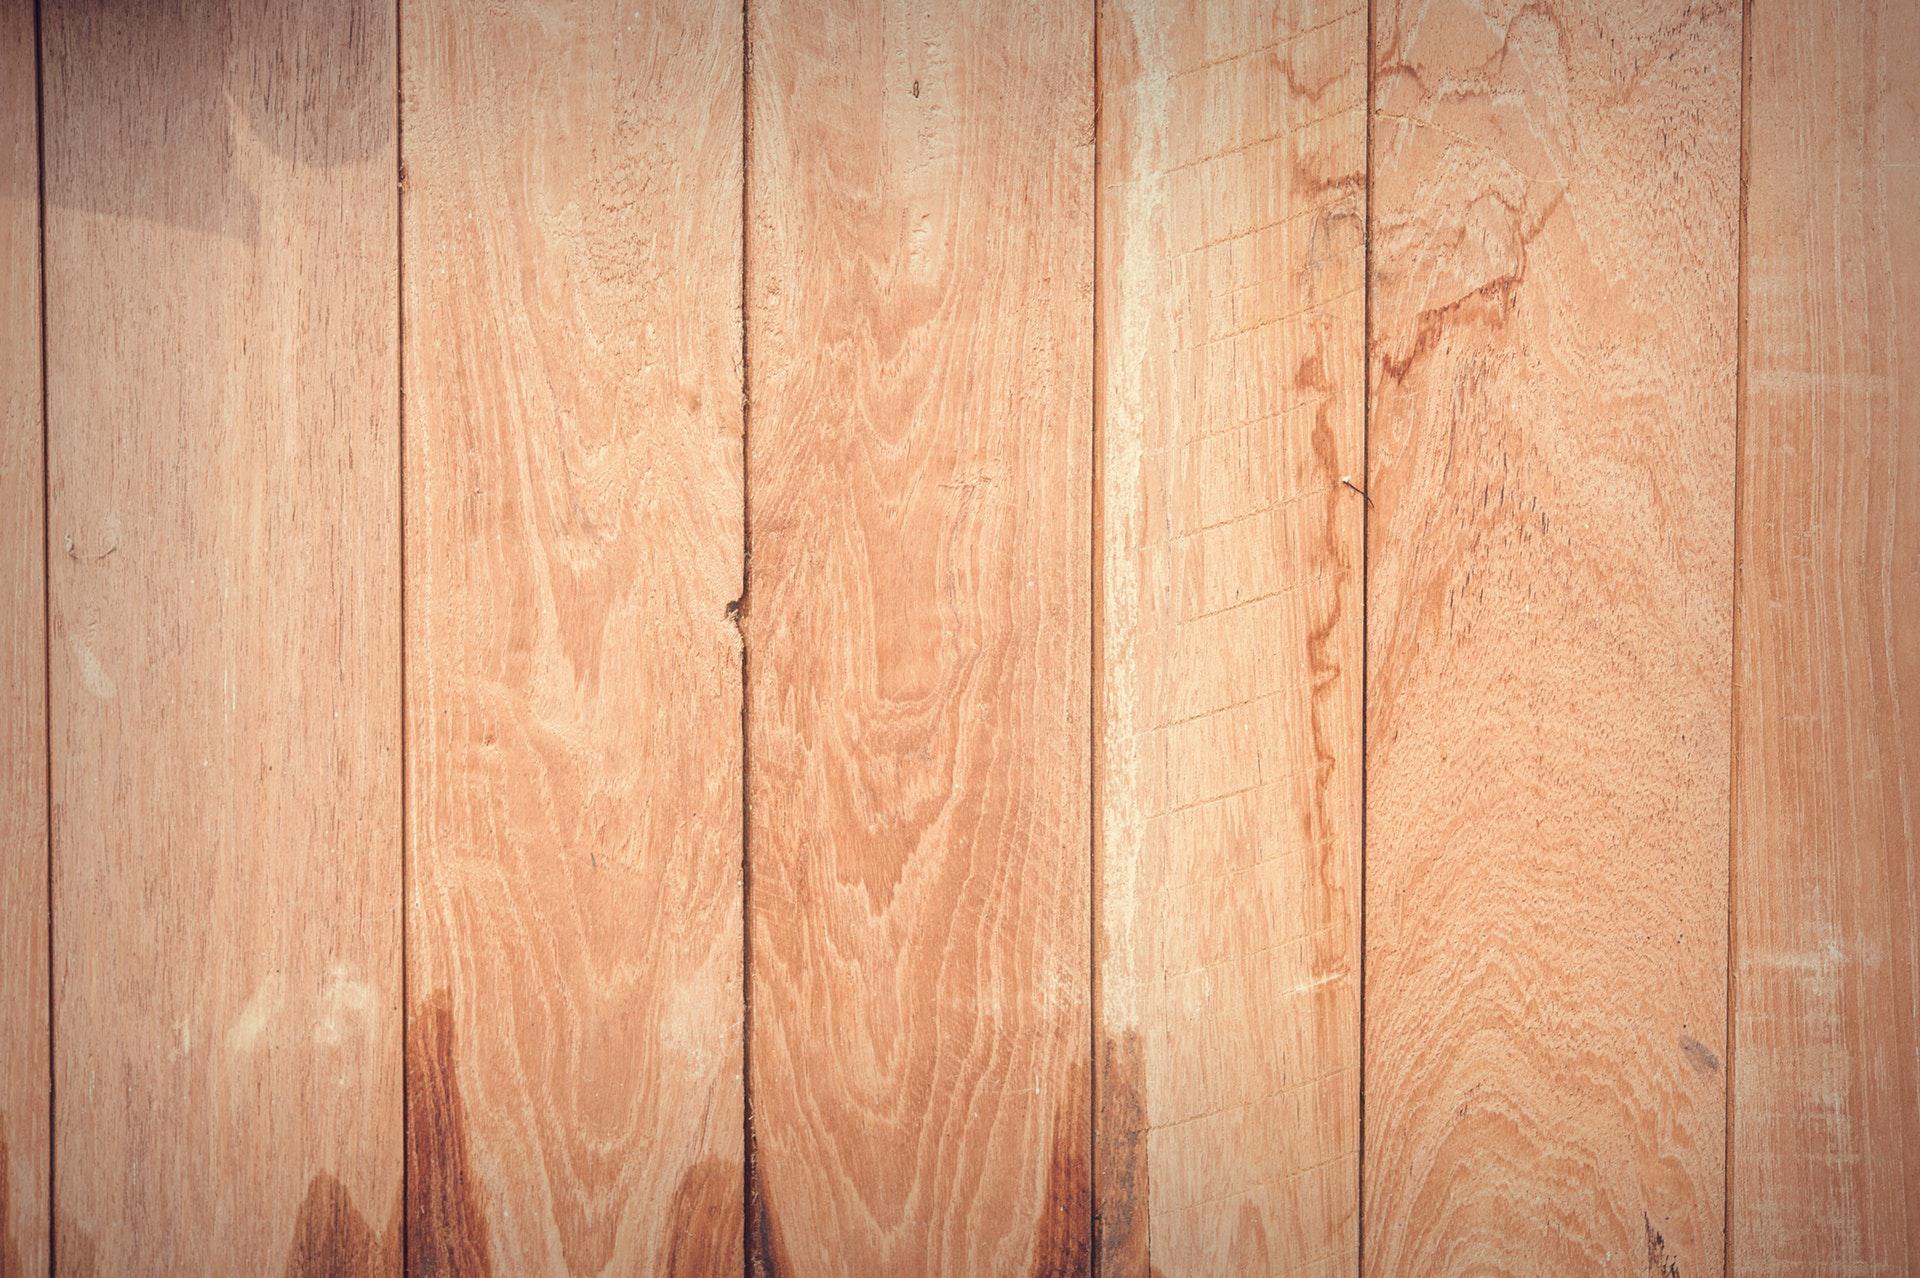 عکس زمینه صفحه چوبی از نمایی نزدیک پس زمینه